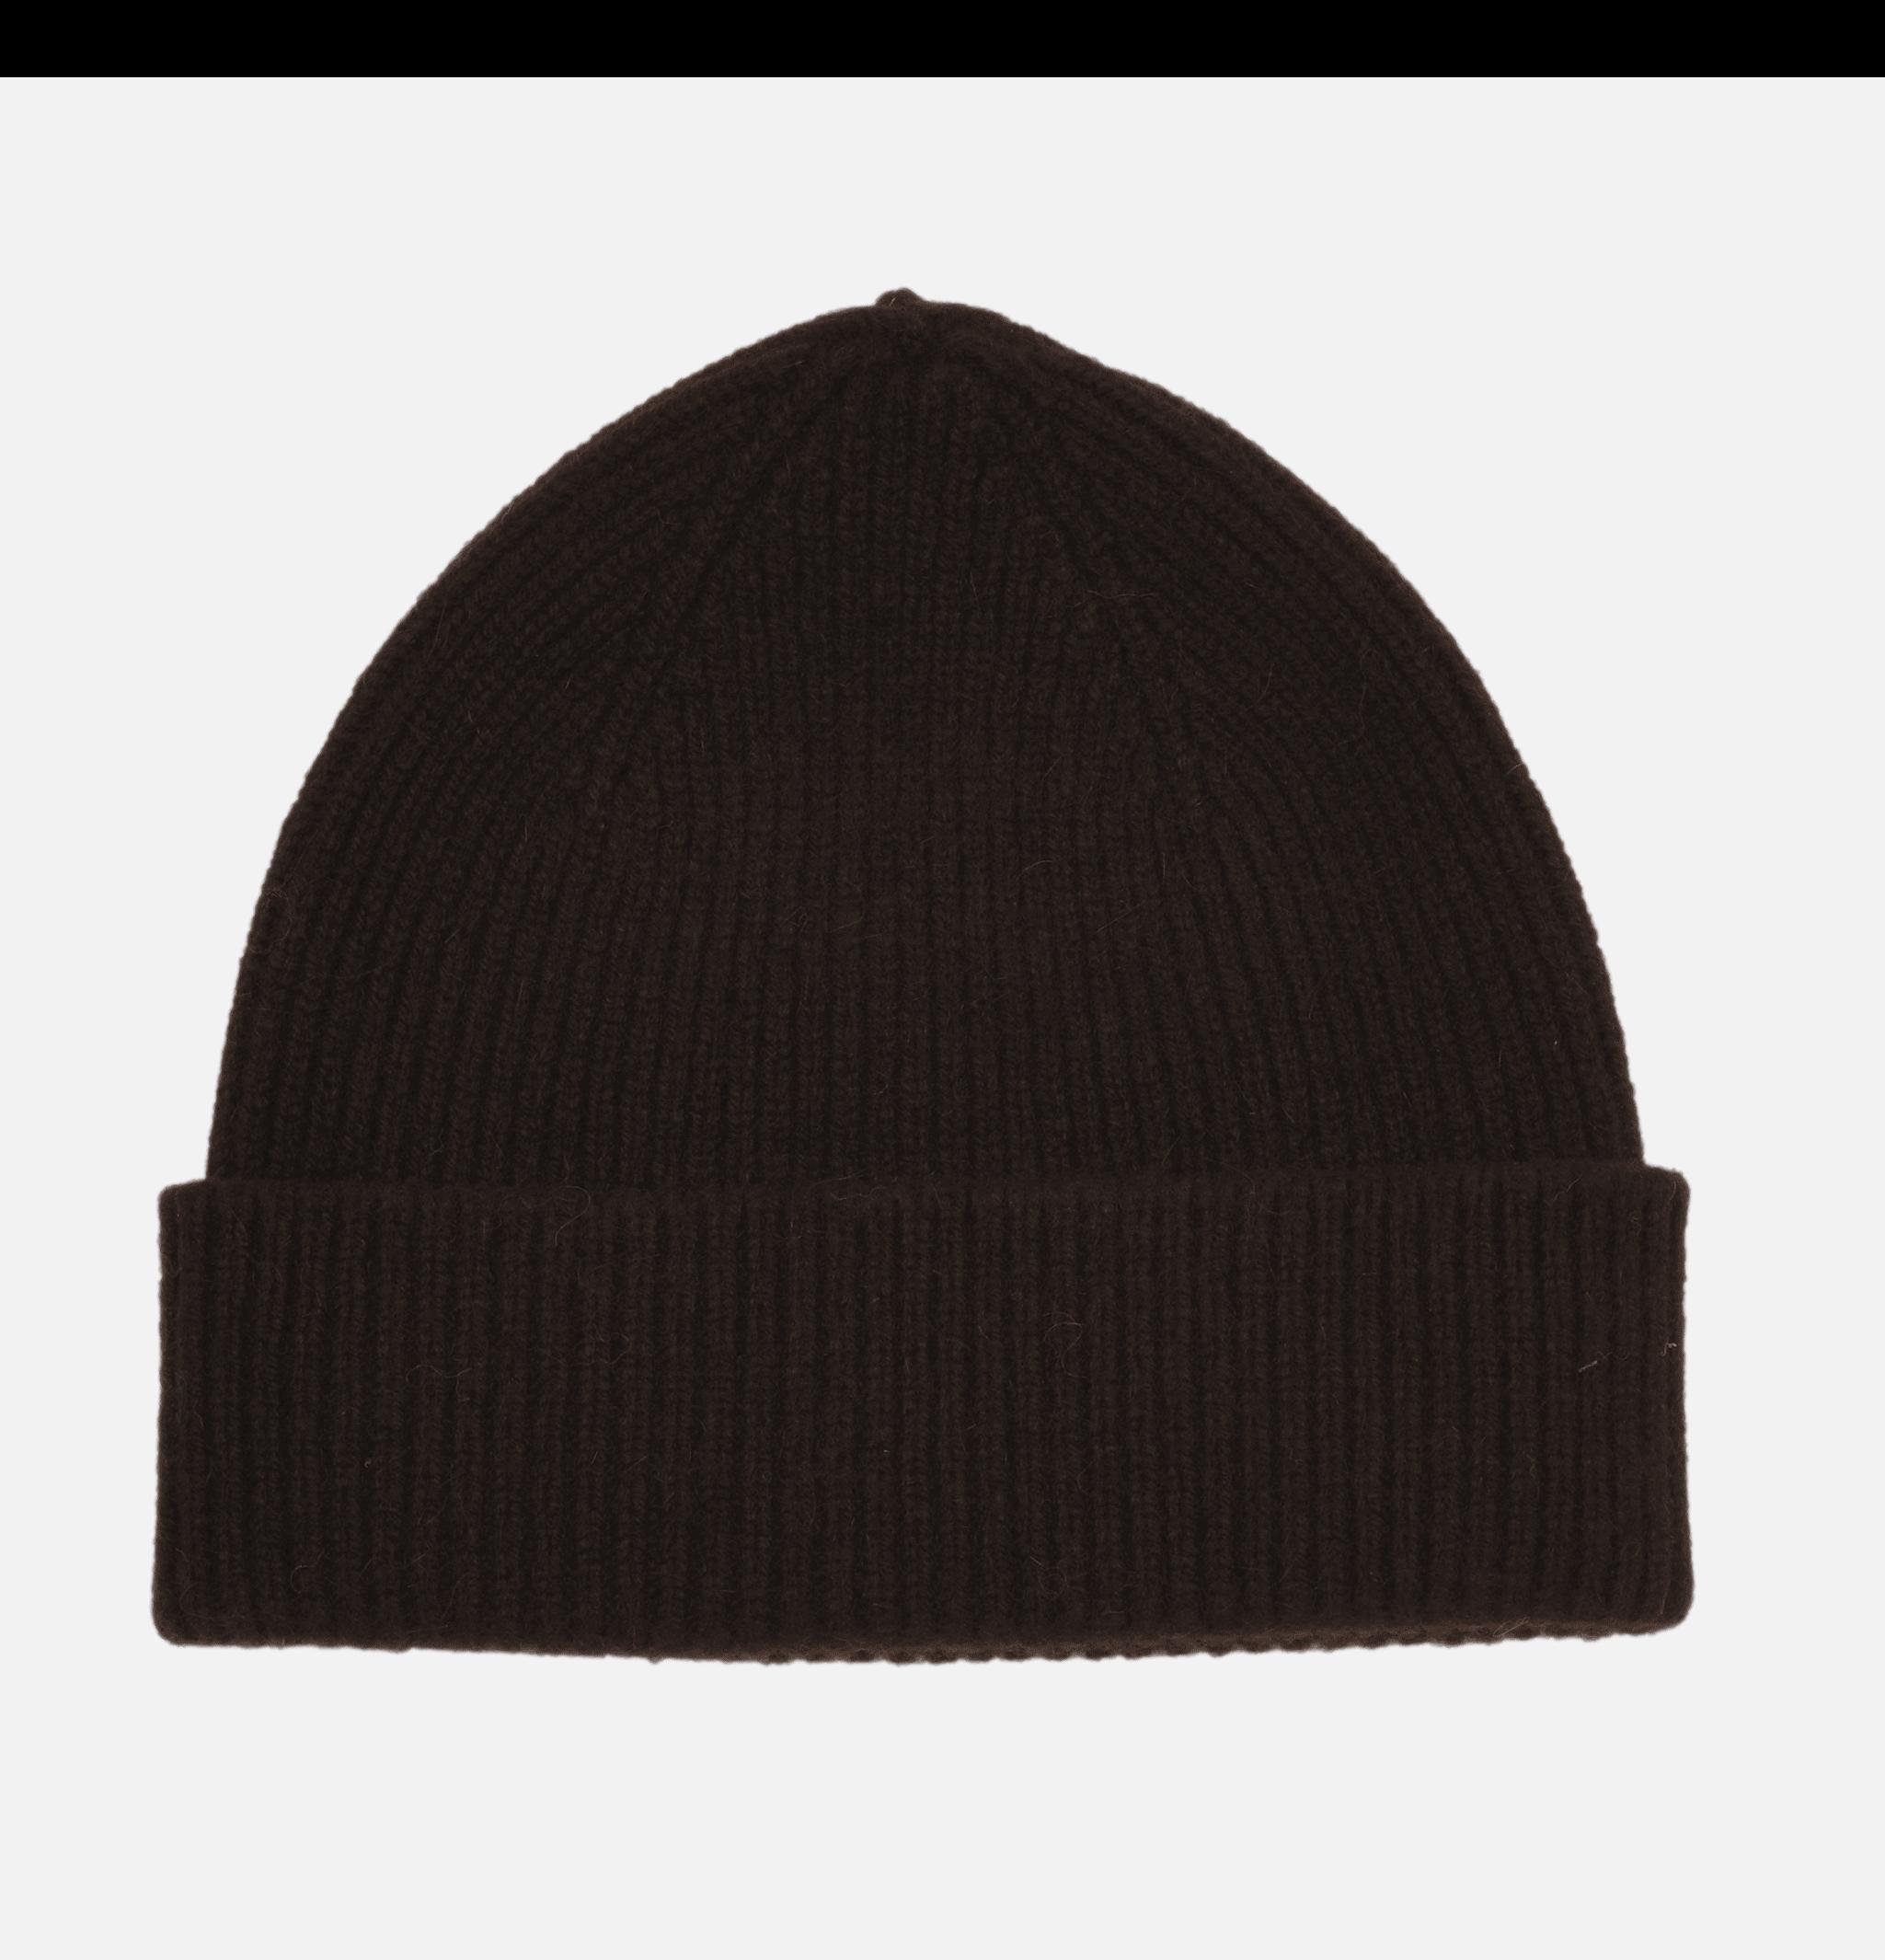 Ribbed Hat Turn Up Ebony